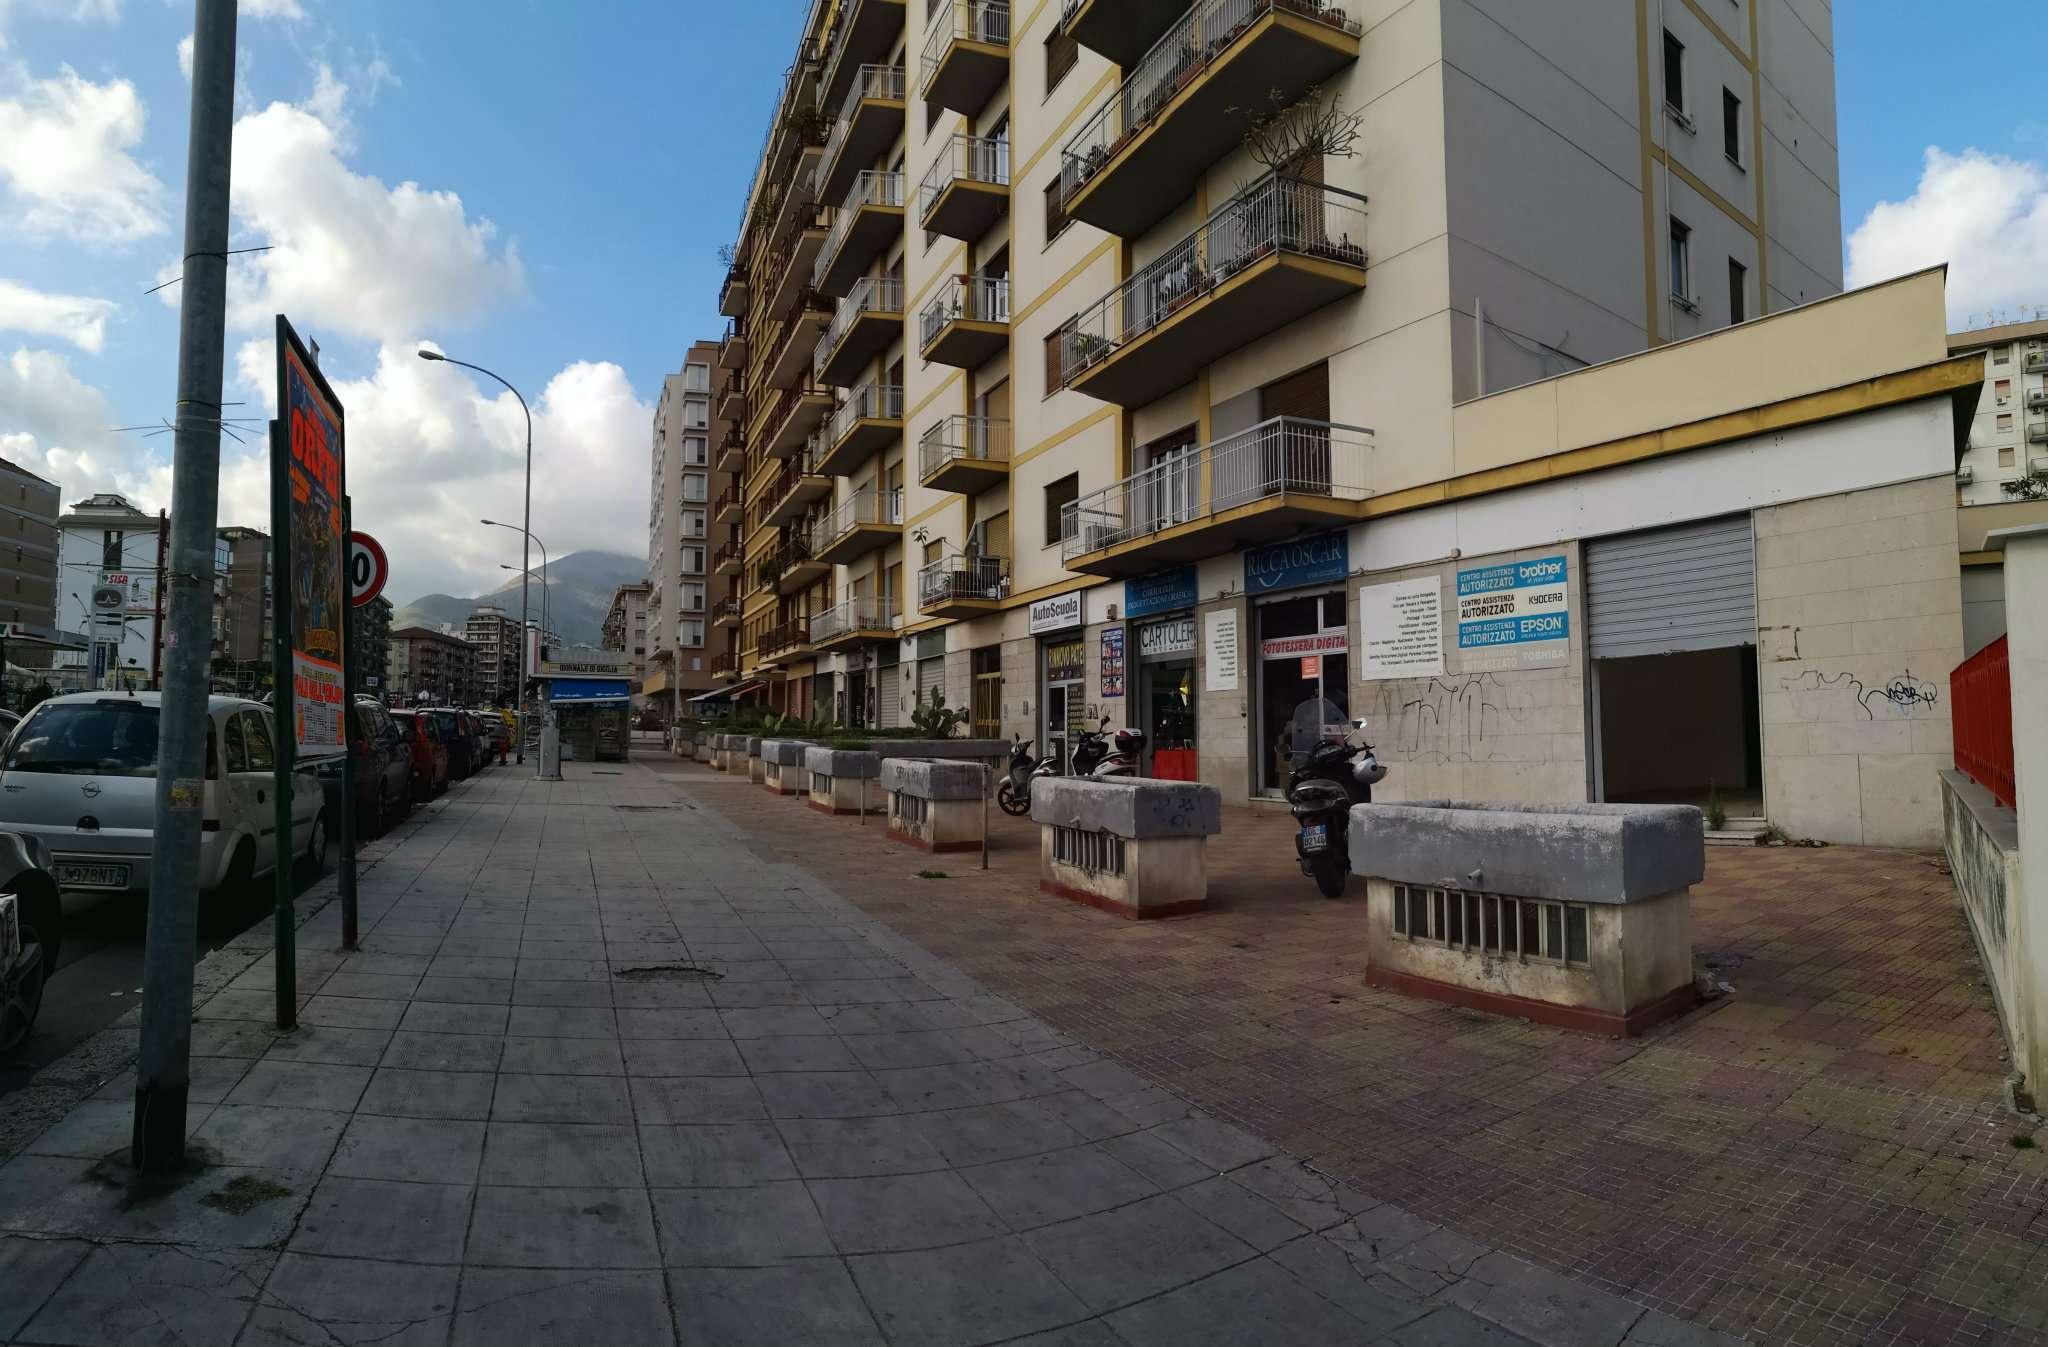 Negozio-locale in Affitto a Palermo: 1 locali, 45 mq